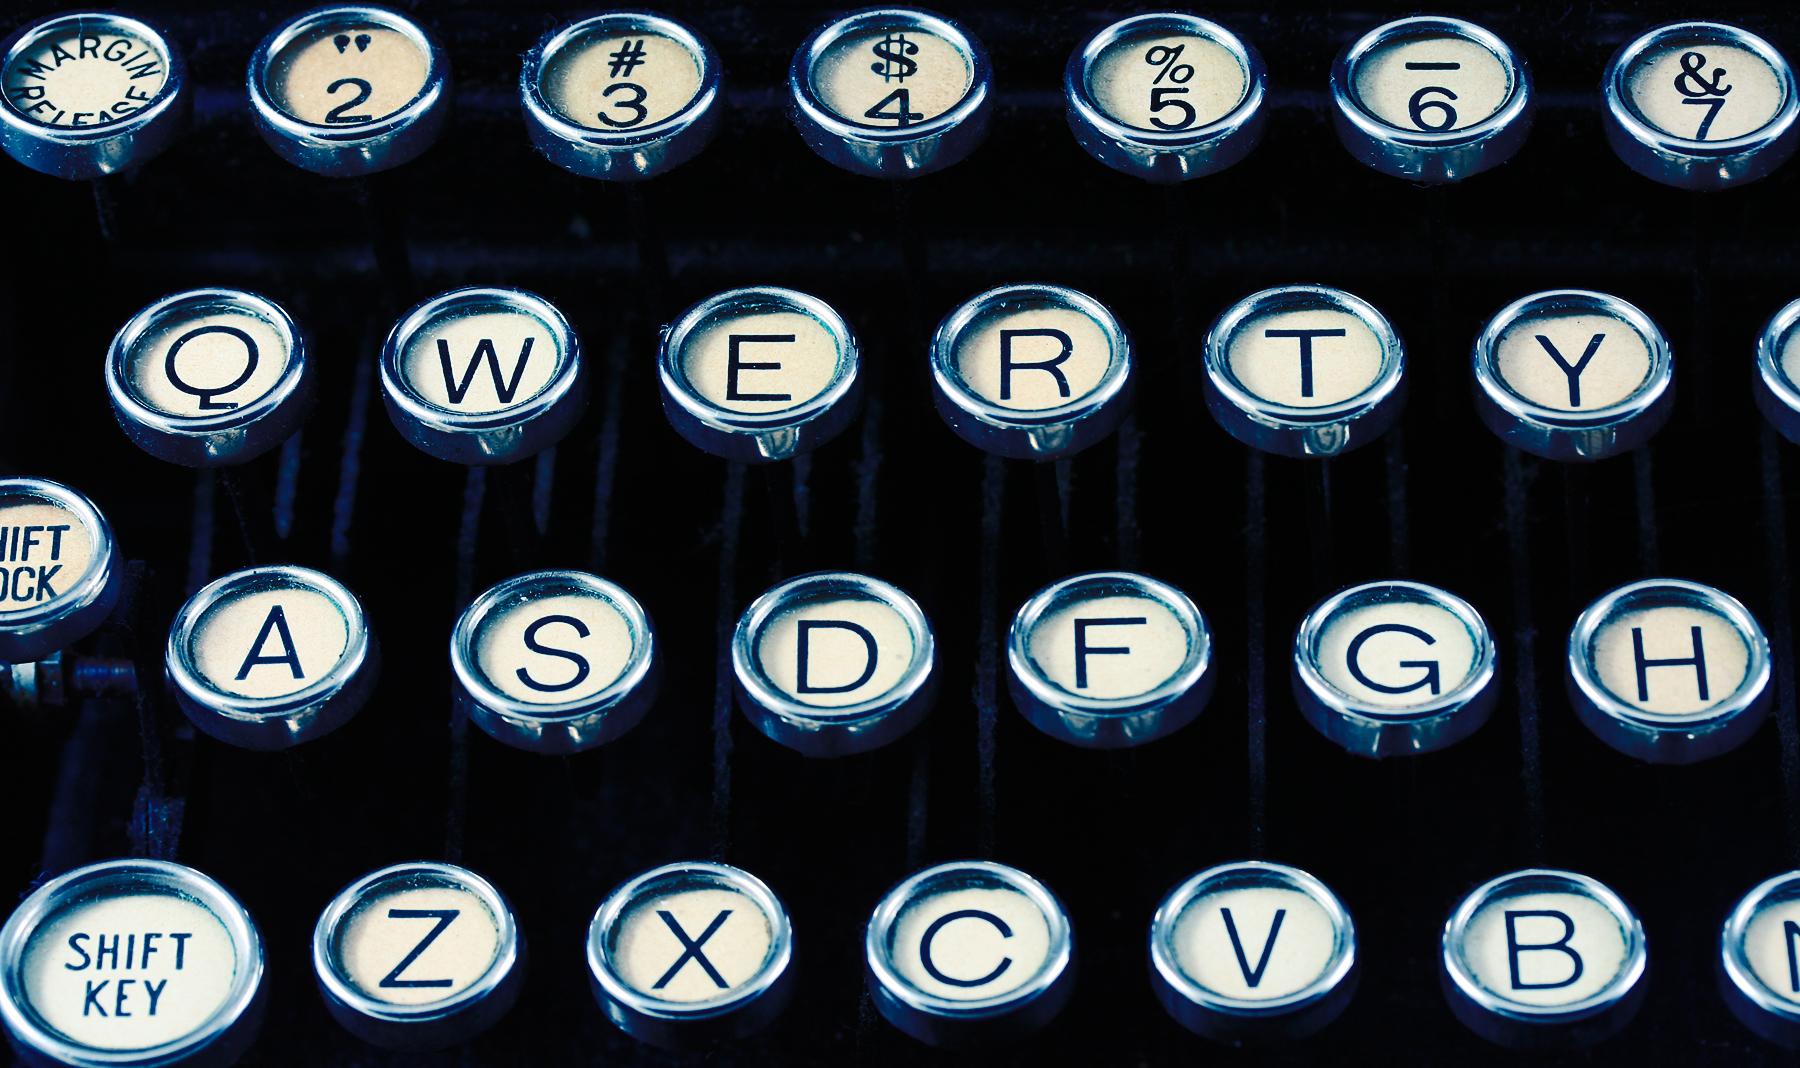 Antique typewriter close-up photo